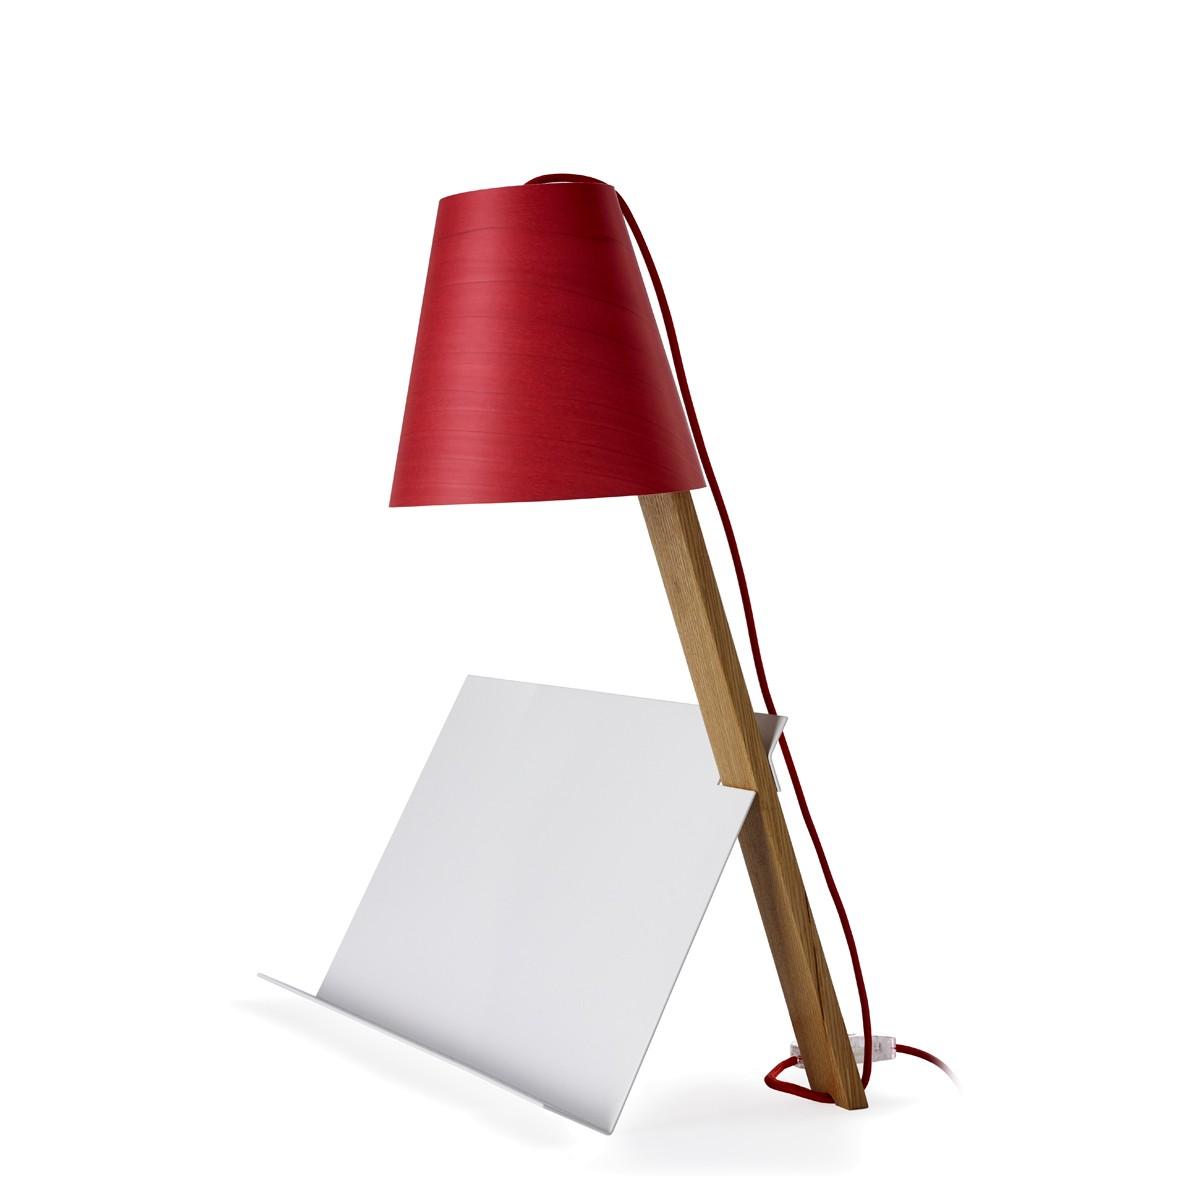 LZF Lamps Asterisco Tischleuchte, Schirm: rot